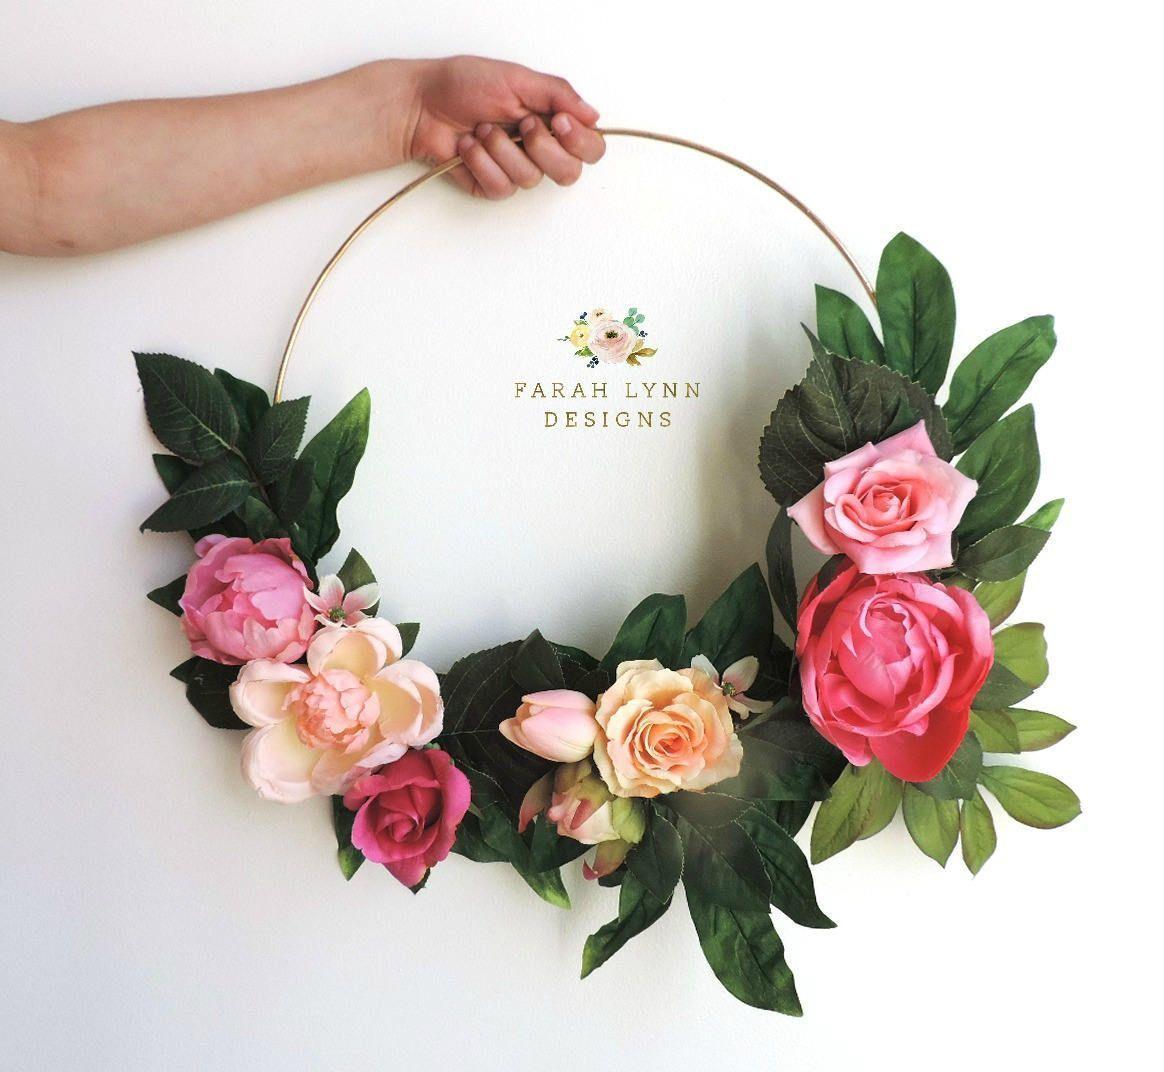 Fl Hoop Bouquet Flower Alternative Wedding Modern Nursery Decor Wall Hanging By Farahlynndesign On